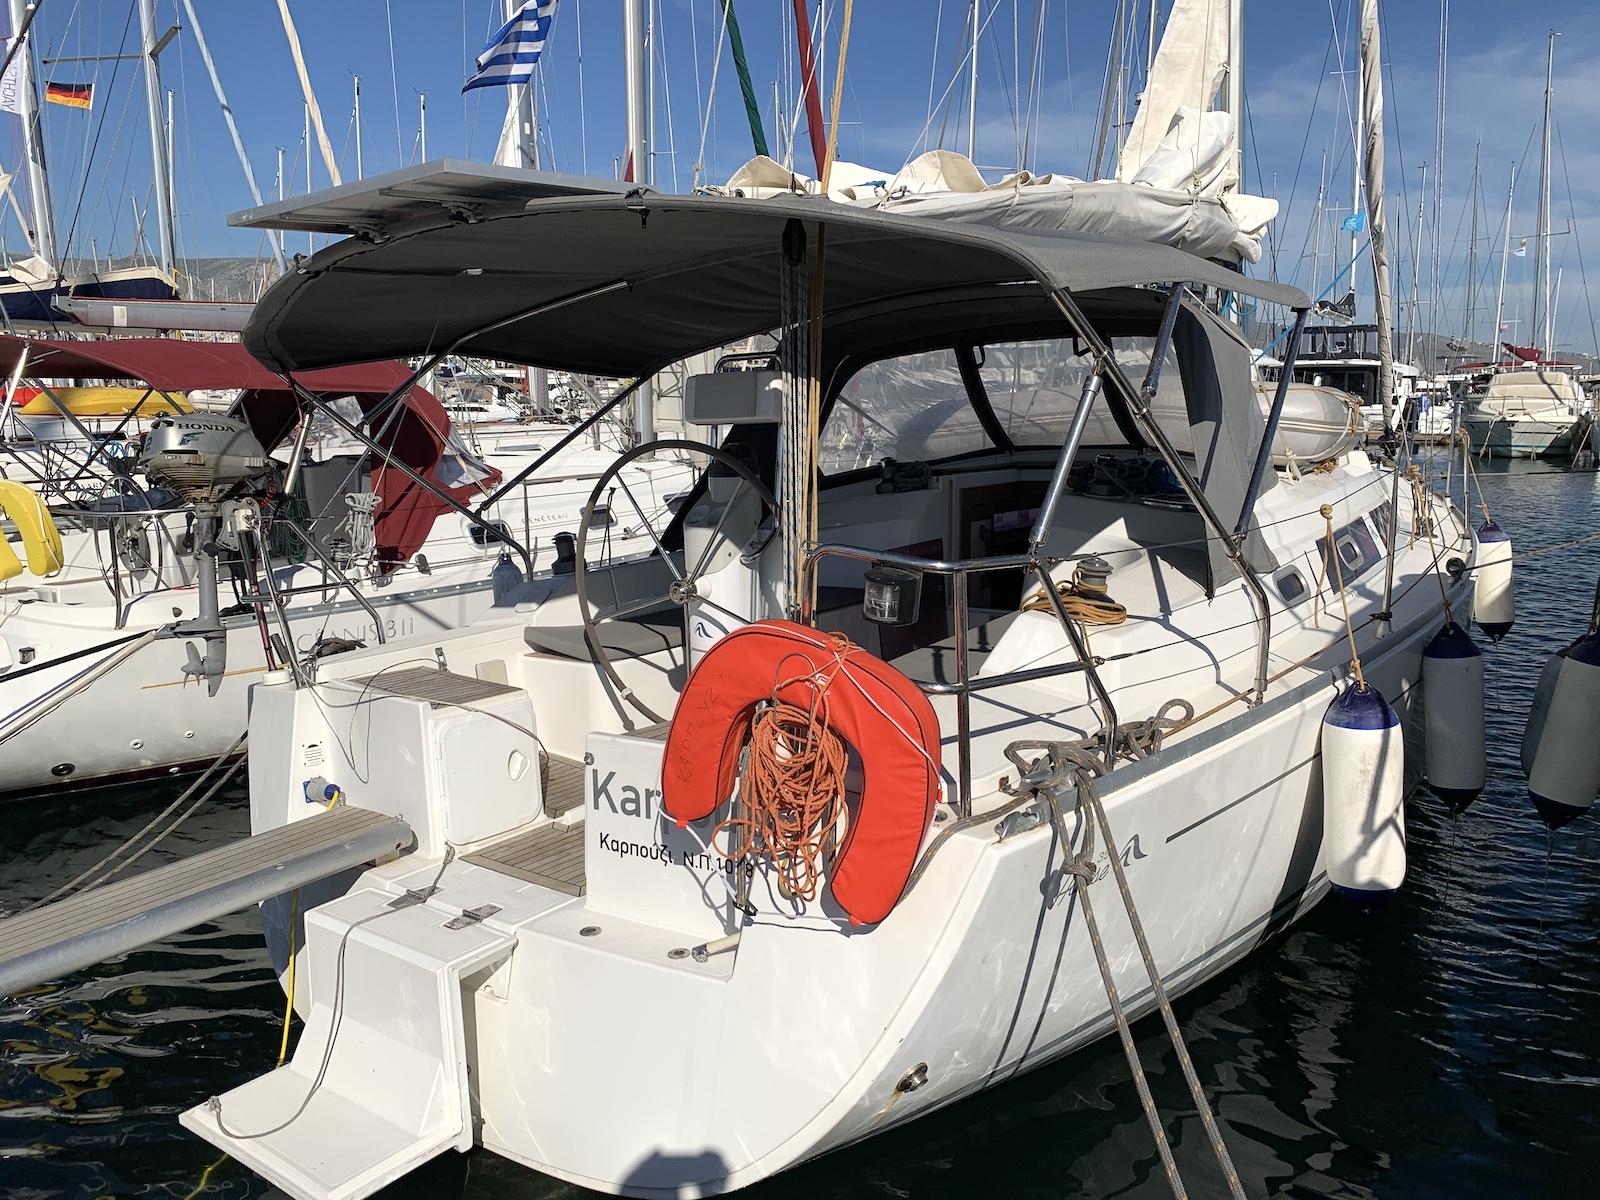 Yacht Karpouzi